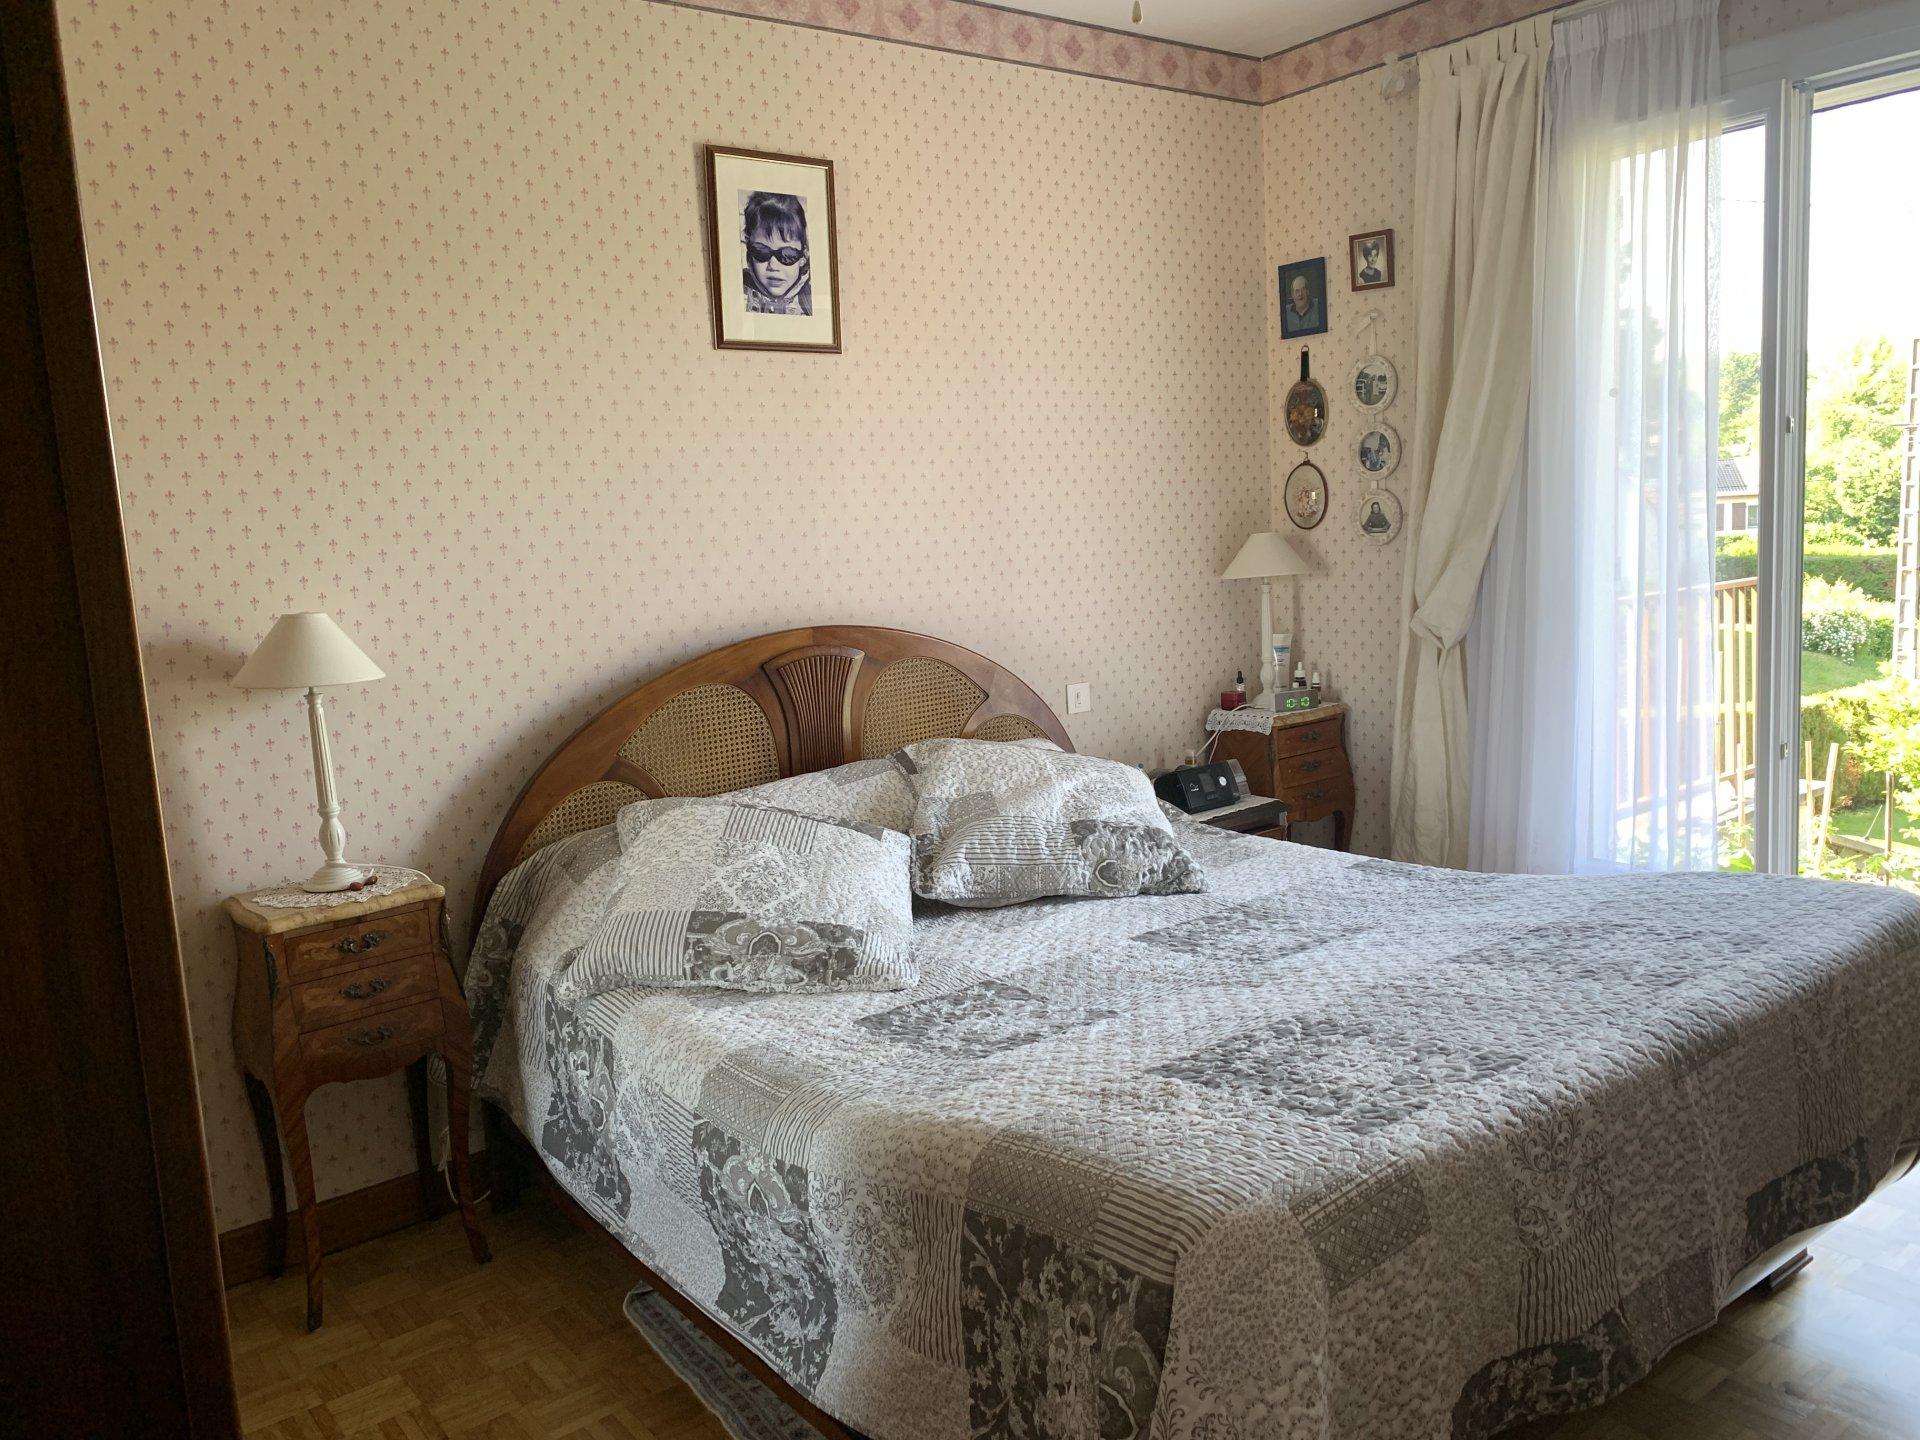 6175CSM - Maison Familiale - Périphérie Vichy